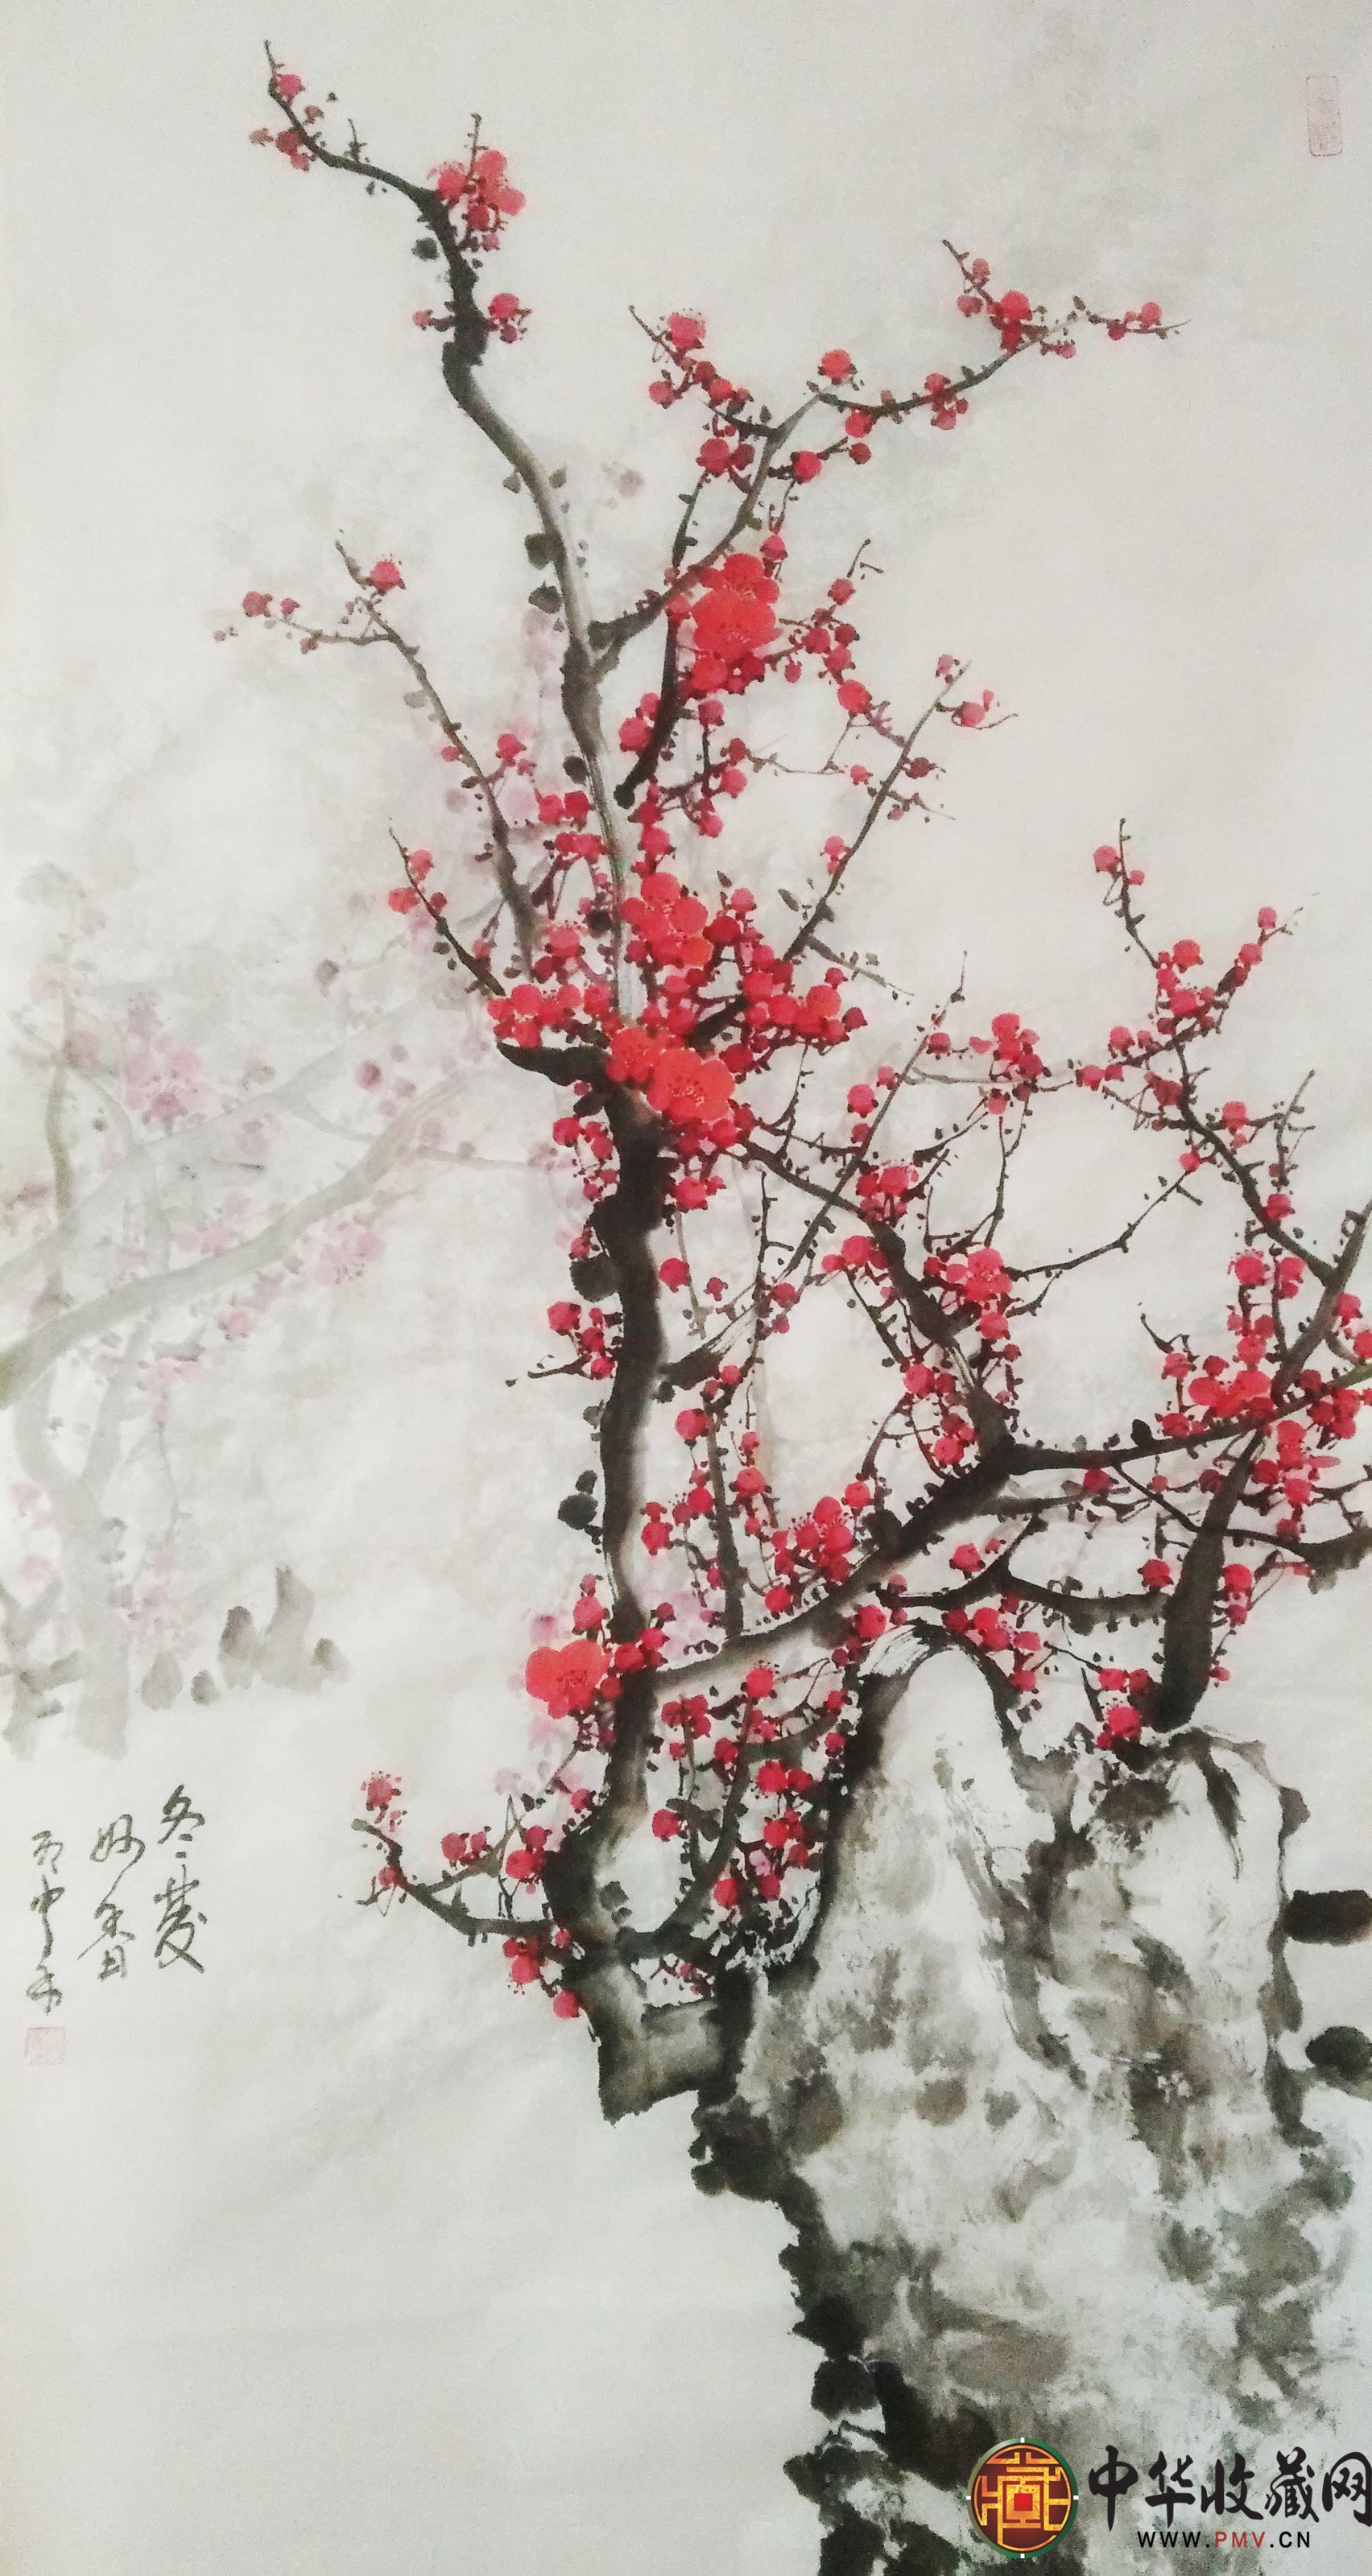 李森四尺竖幅国画作品《冬发秒香》